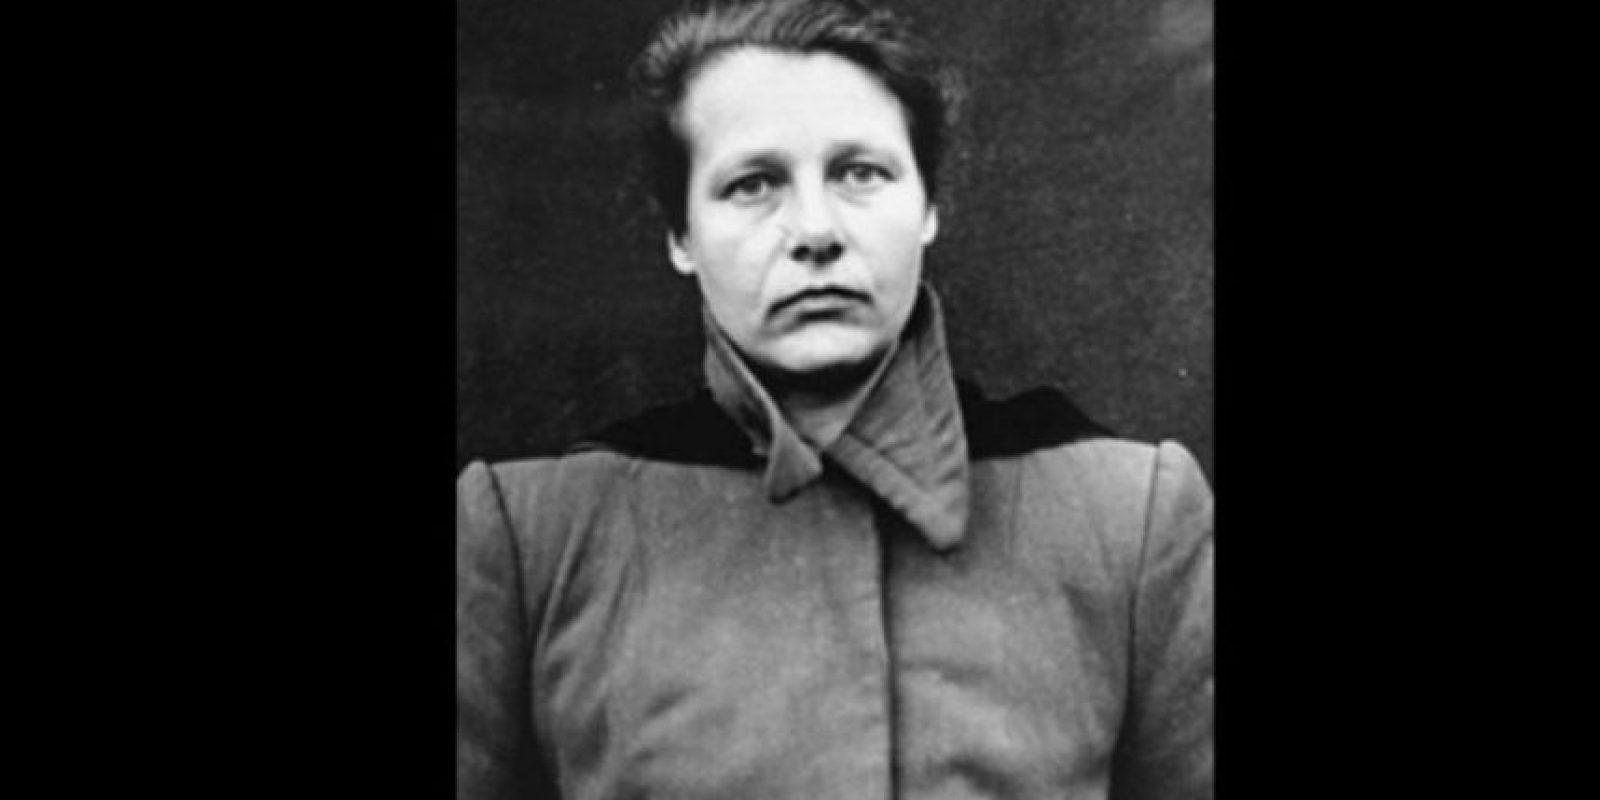 ¡Brutales! Estas son las 7 peores enfermeras asesinas de la Historia Herta Oberheuser fue una de las enfermeras nazis que experimentó con niños y mujeres. Foto:Wikipedia